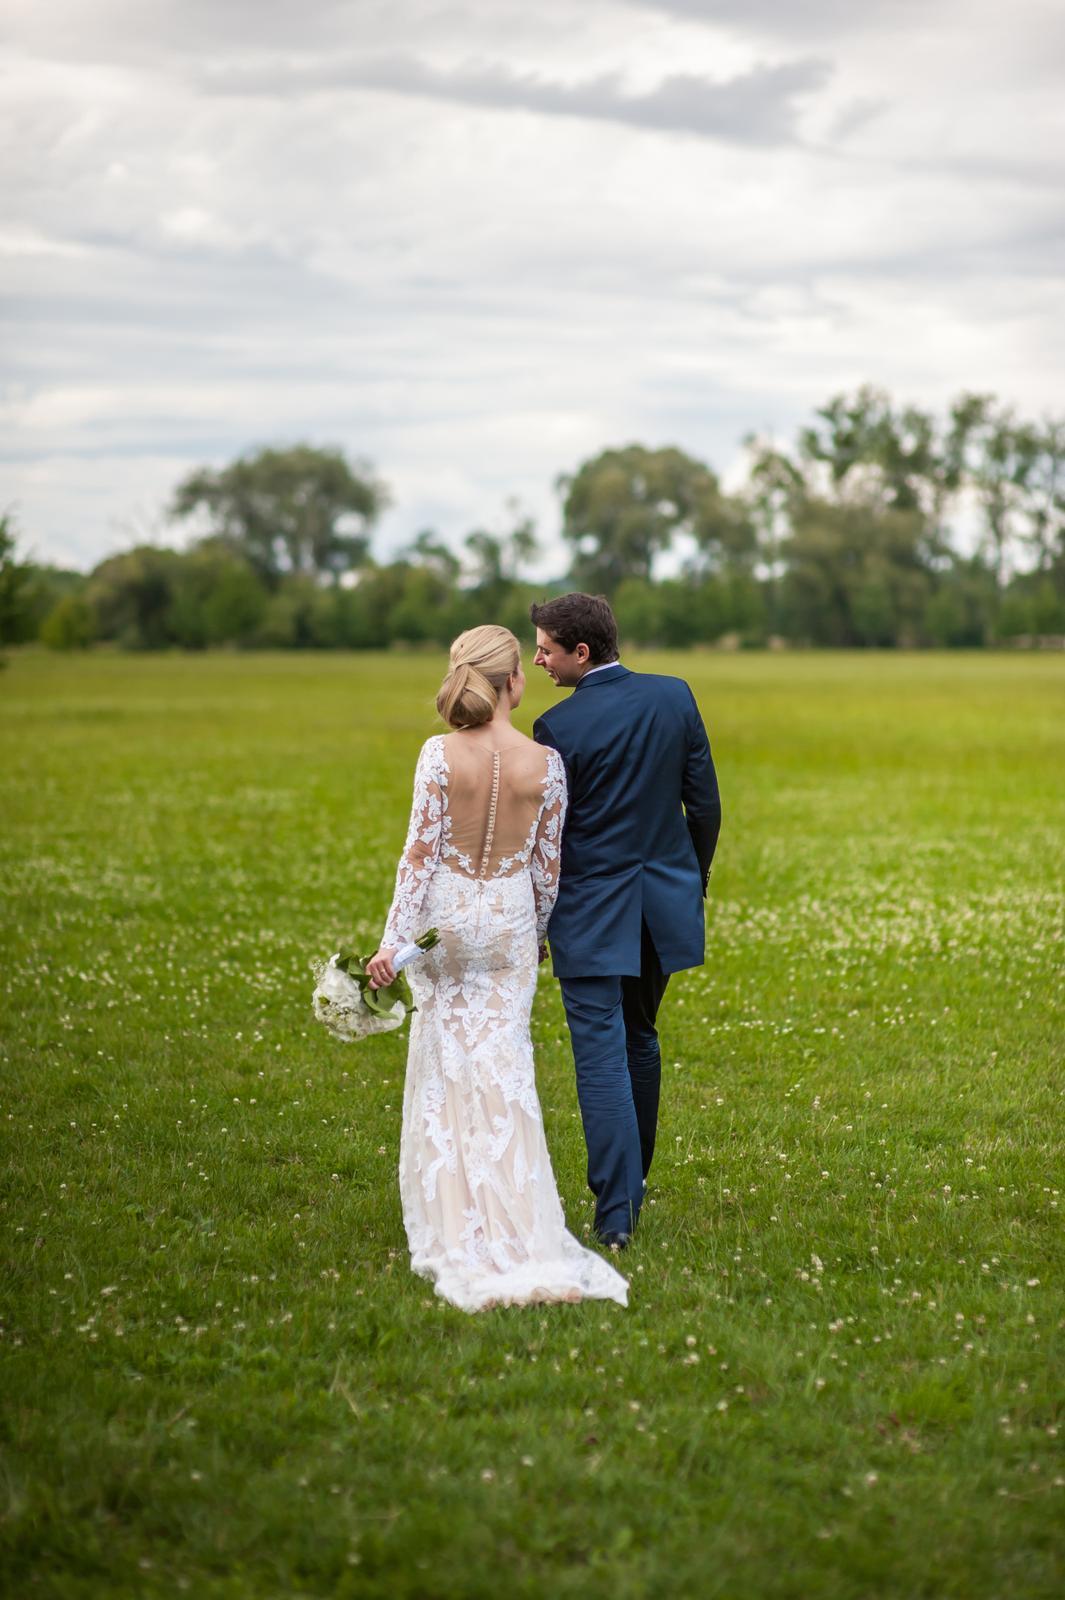 Wedding ♥ - Obrázek č. 68